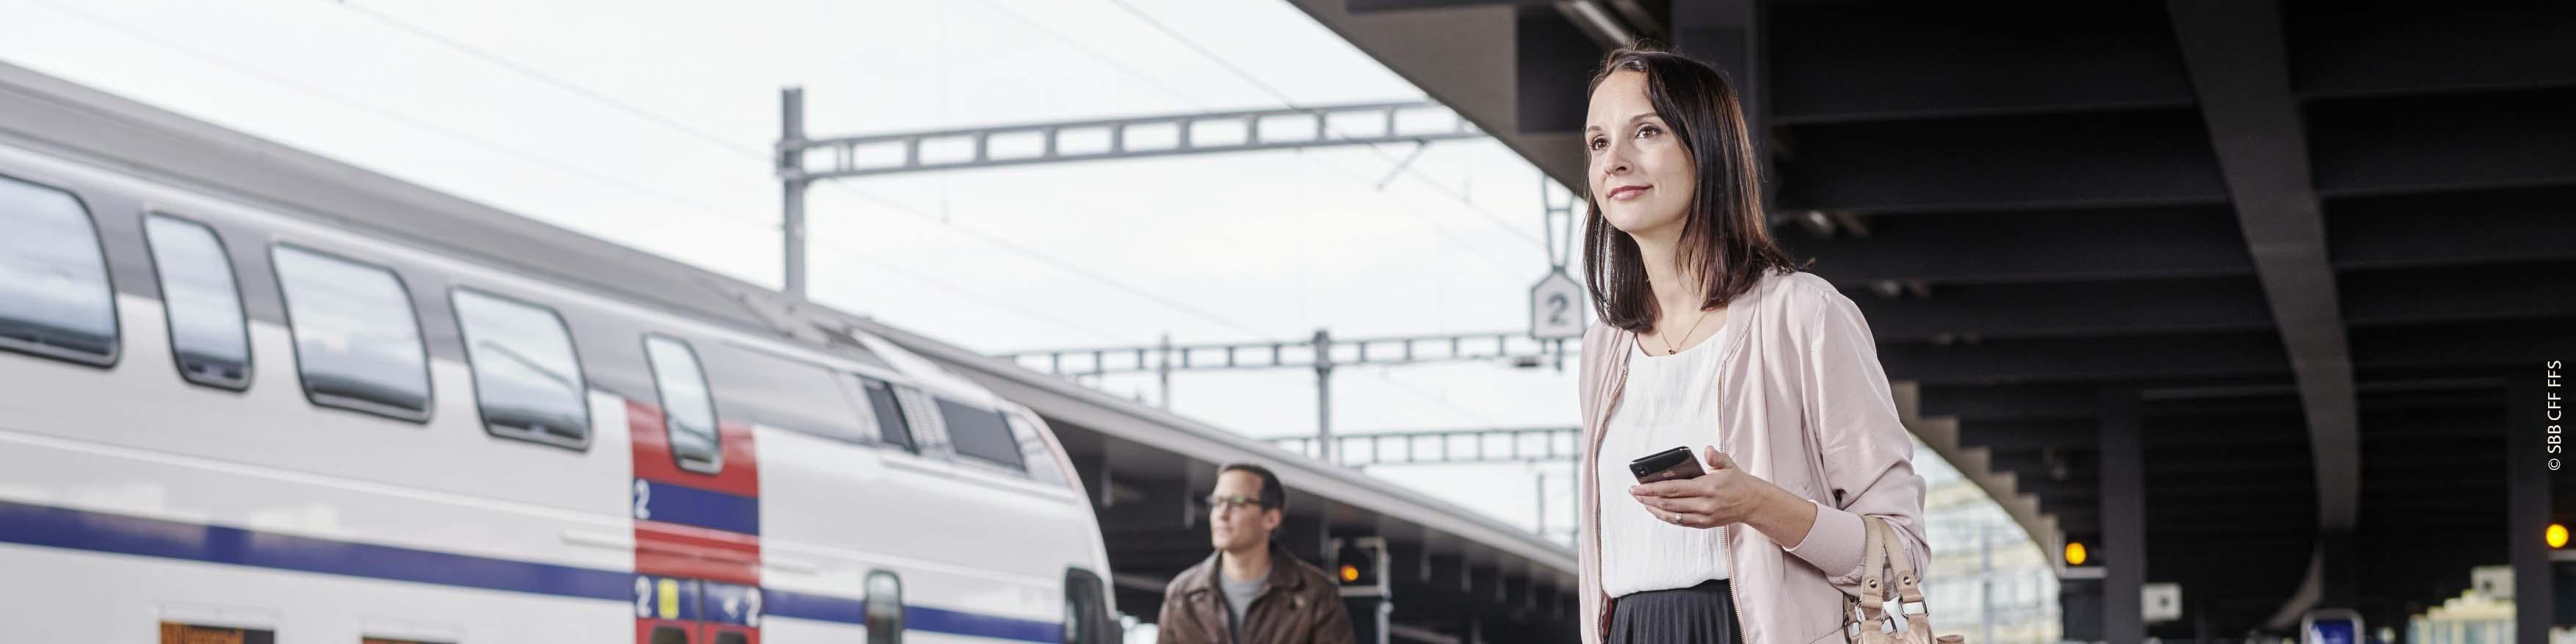 Frau an SBB-Bahnhof